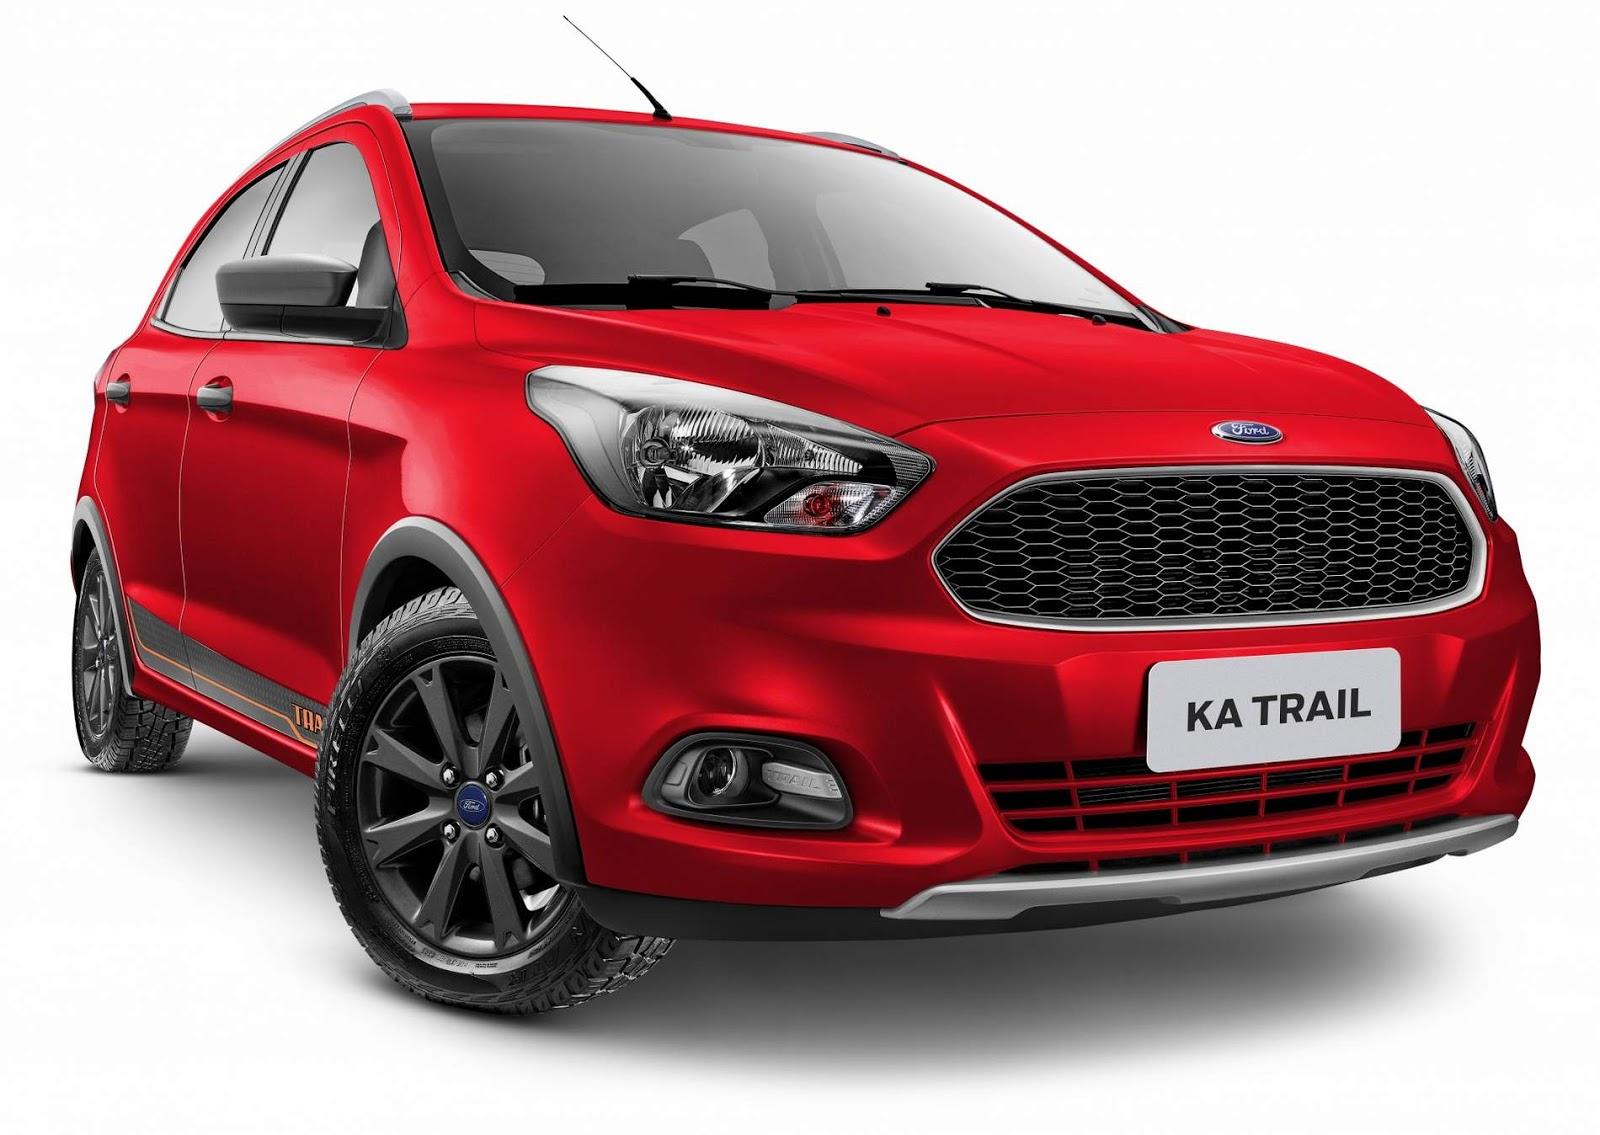 Ford KA Trail Red